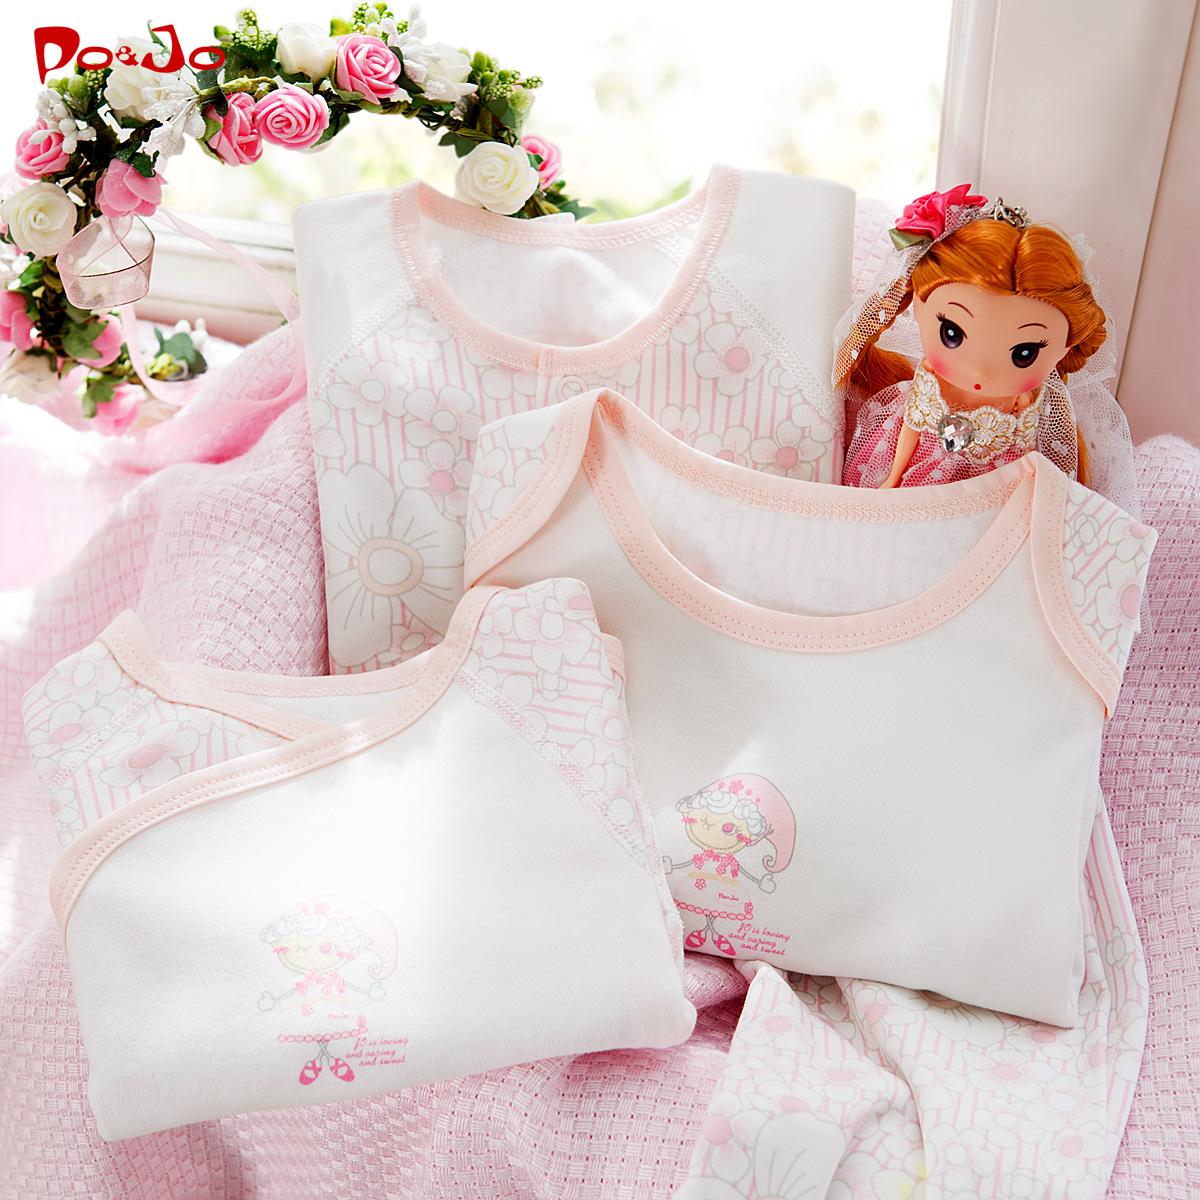 皮偌喬嬰兒內衣套裝新生兒童寶寶純棉秋衣秋褲衣服空調服睡衣春秋